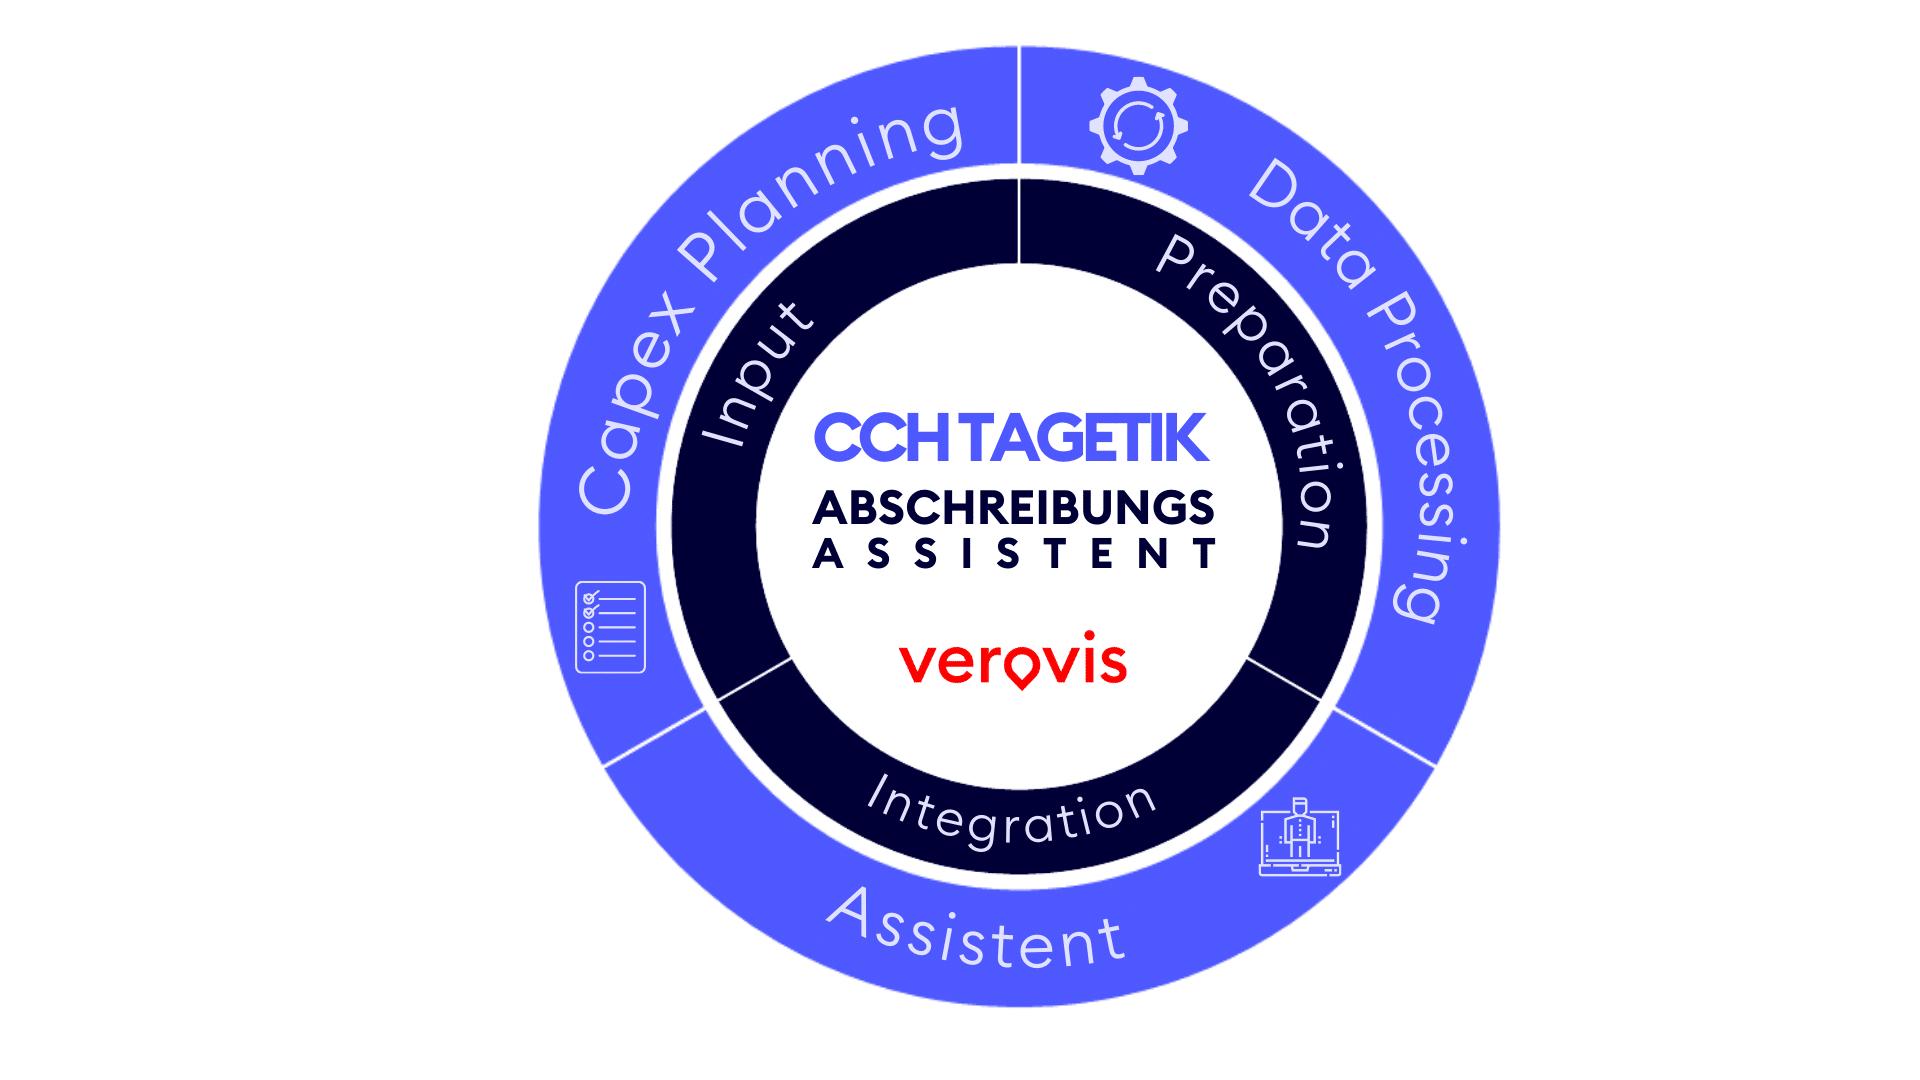 CCH Tagetik Abschreibungsassistent